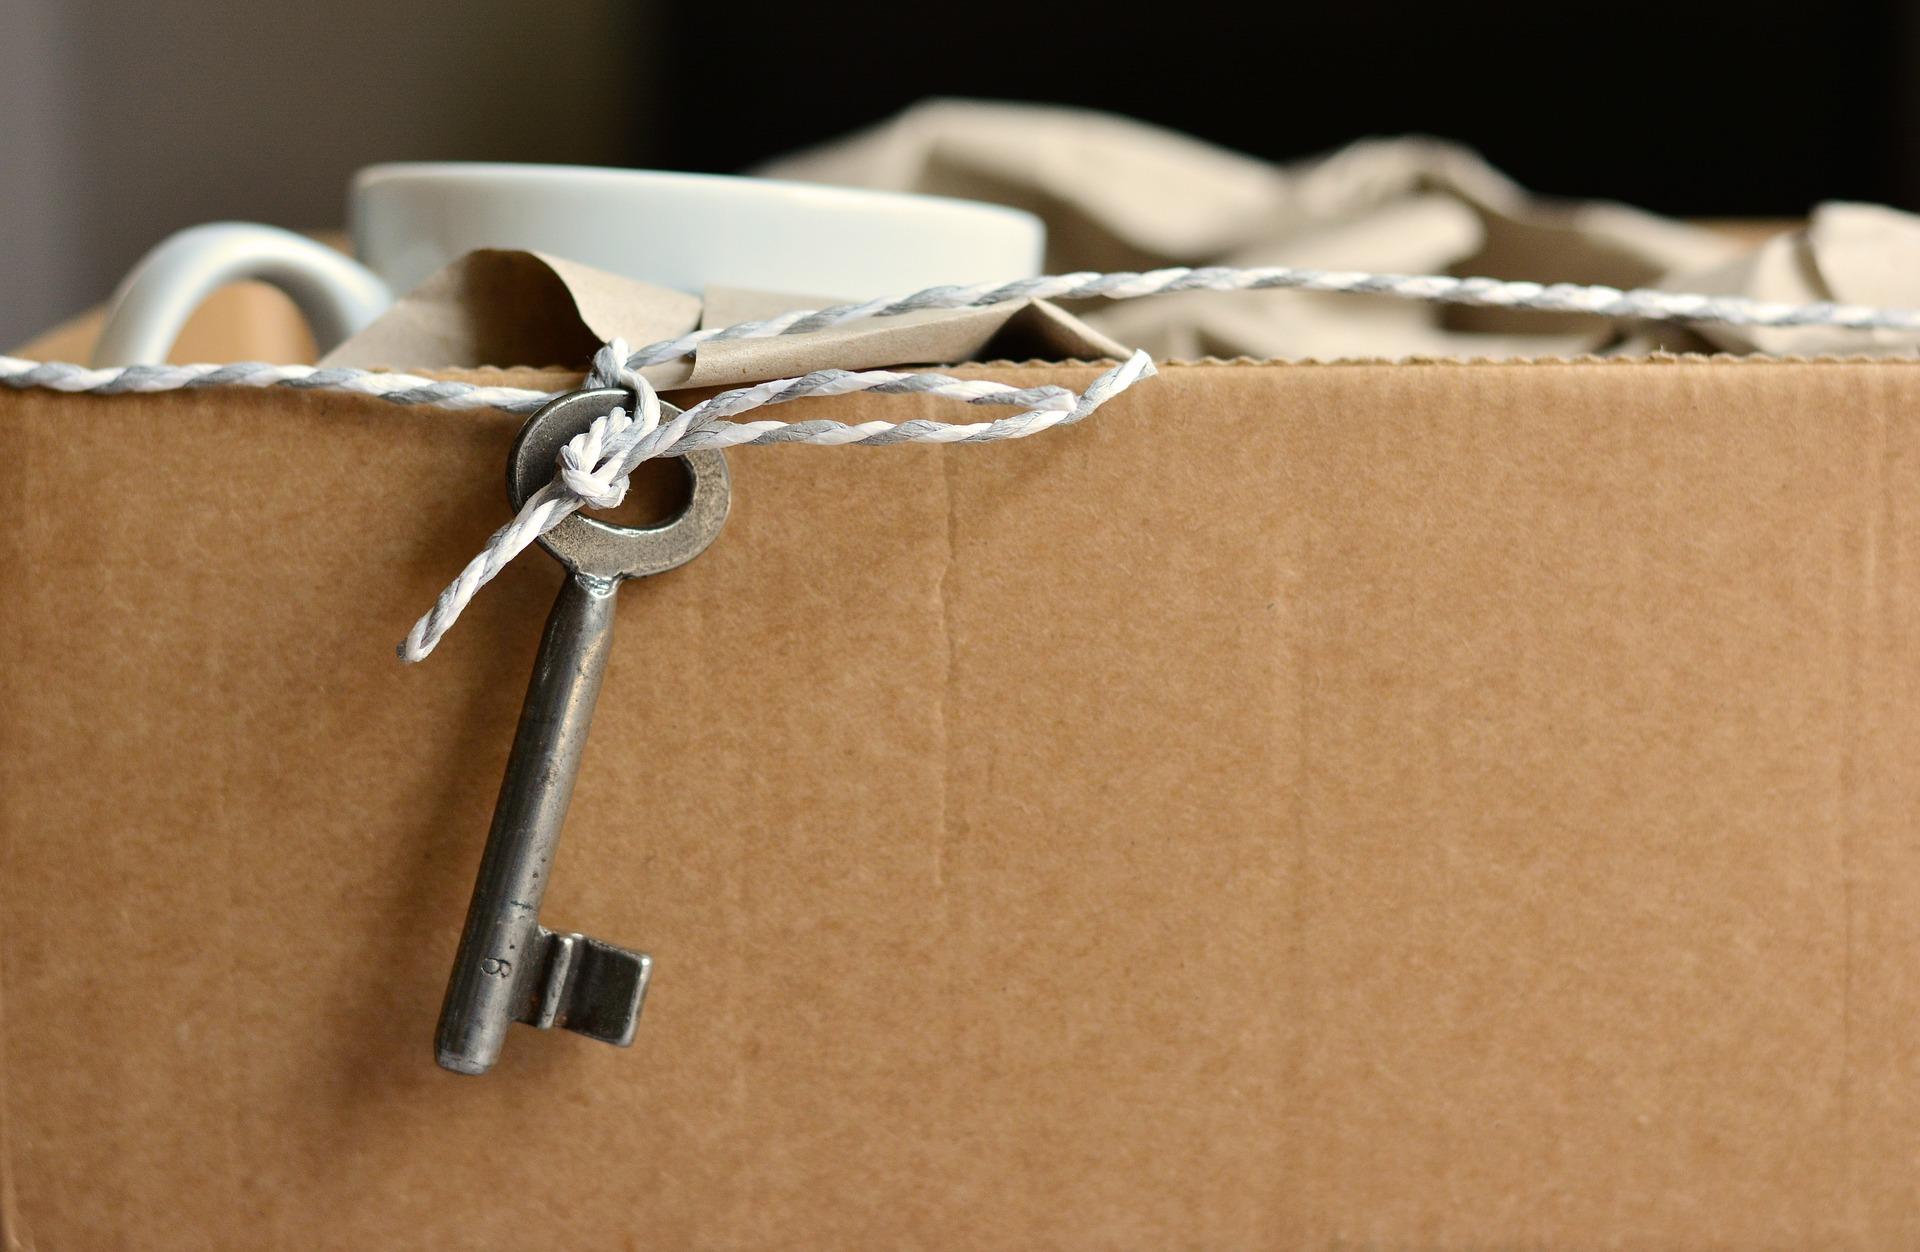 Ecco come organizzare al meglio un trasloco